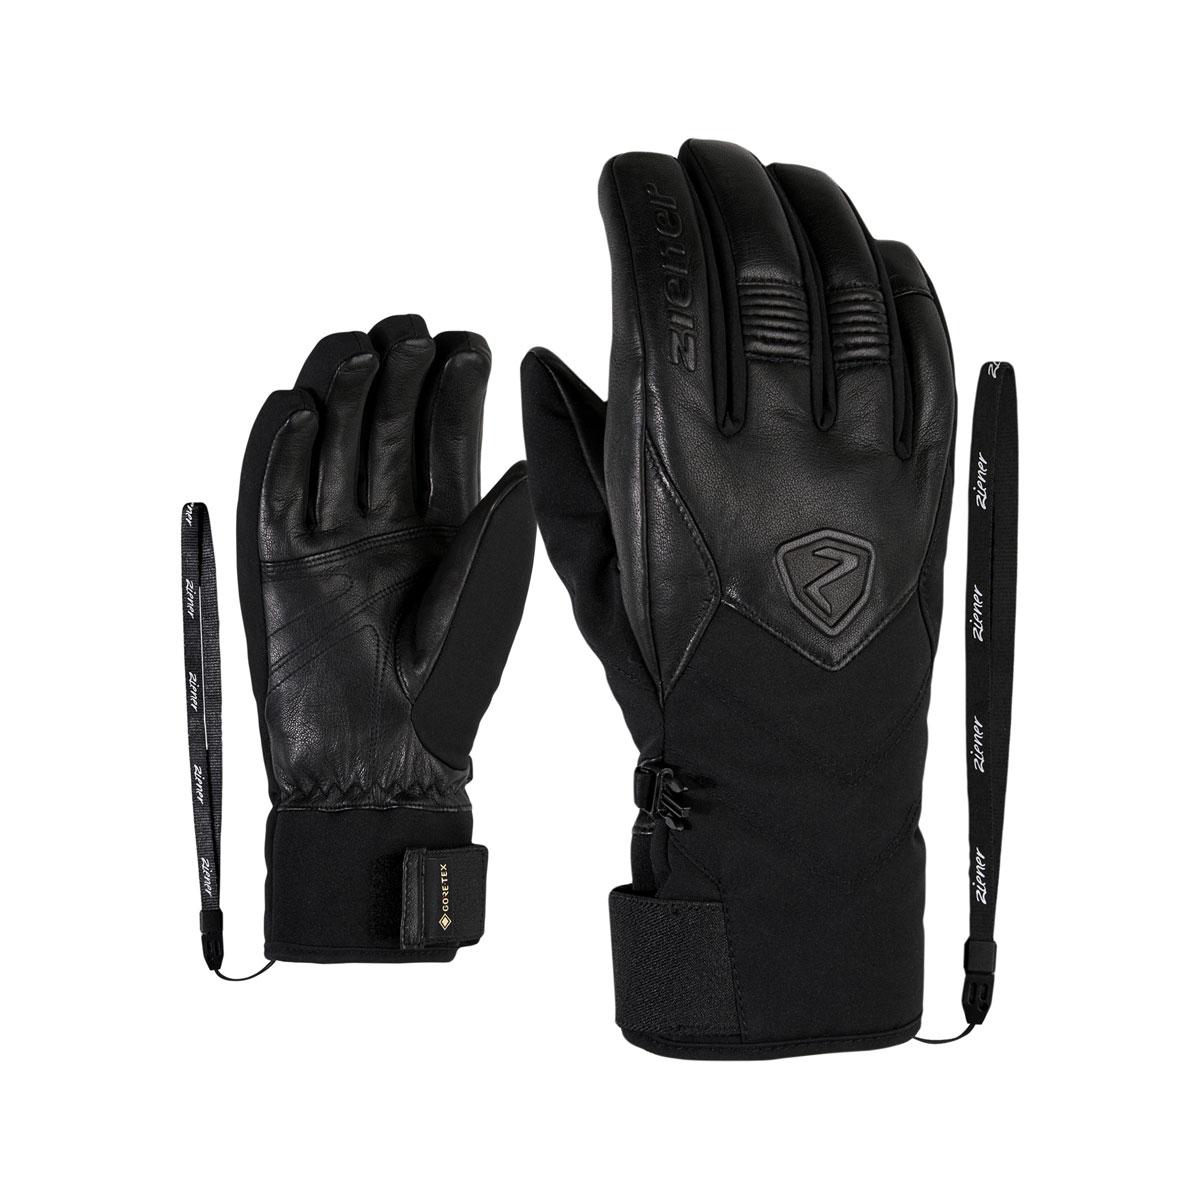 r Lady Glove Ski-Handschuhe//Wintersport Ziener Damen Kaya As Wasserdicht Atmungsaktiv